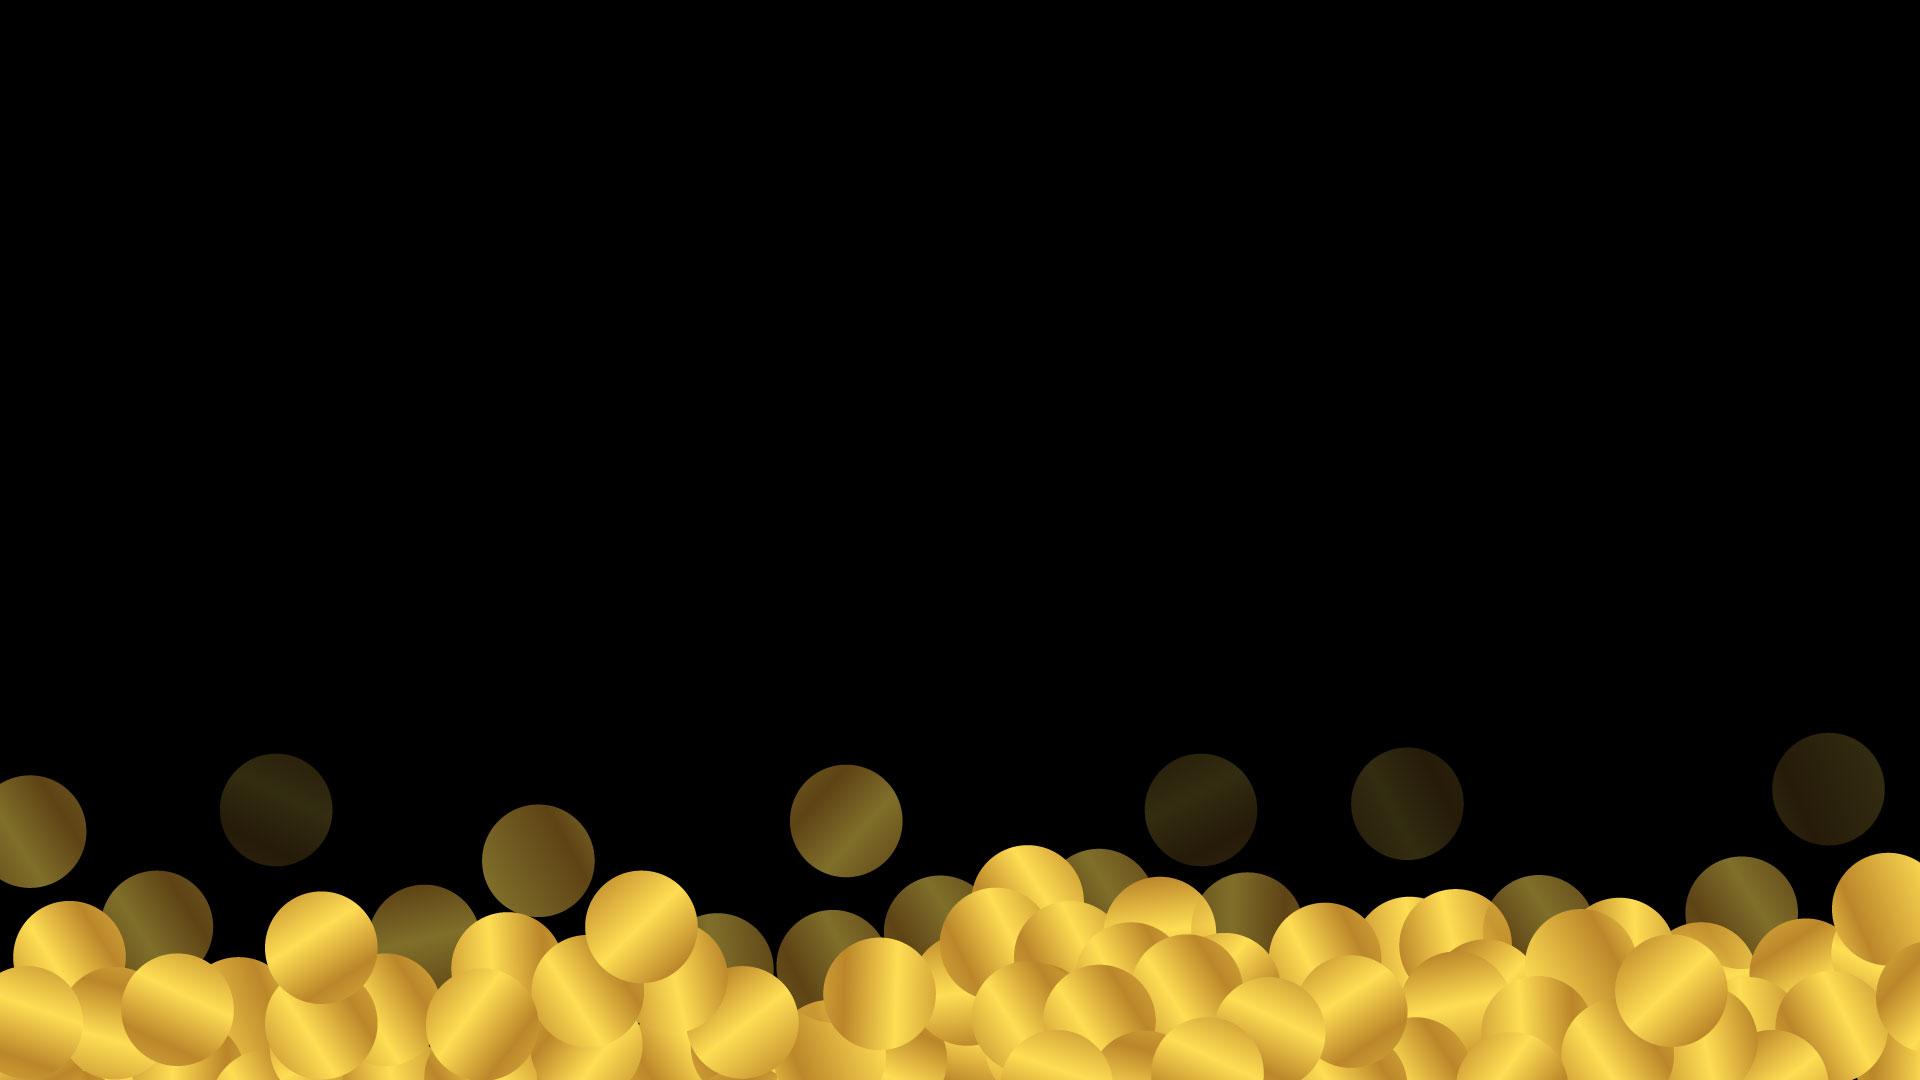 hitam koin emas